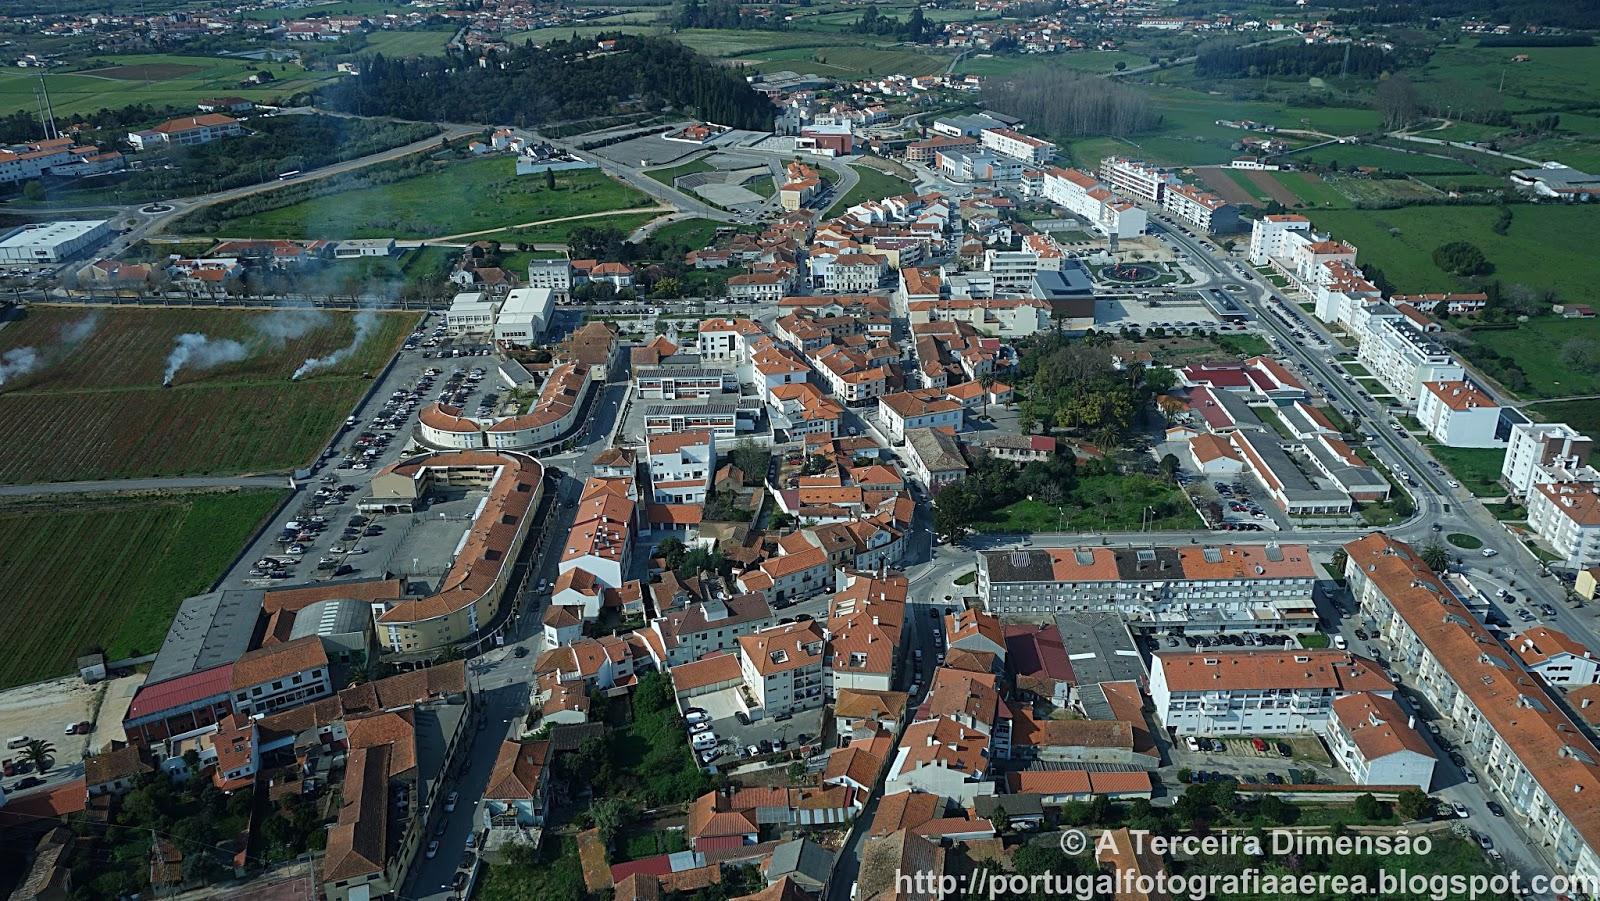 Anadia City